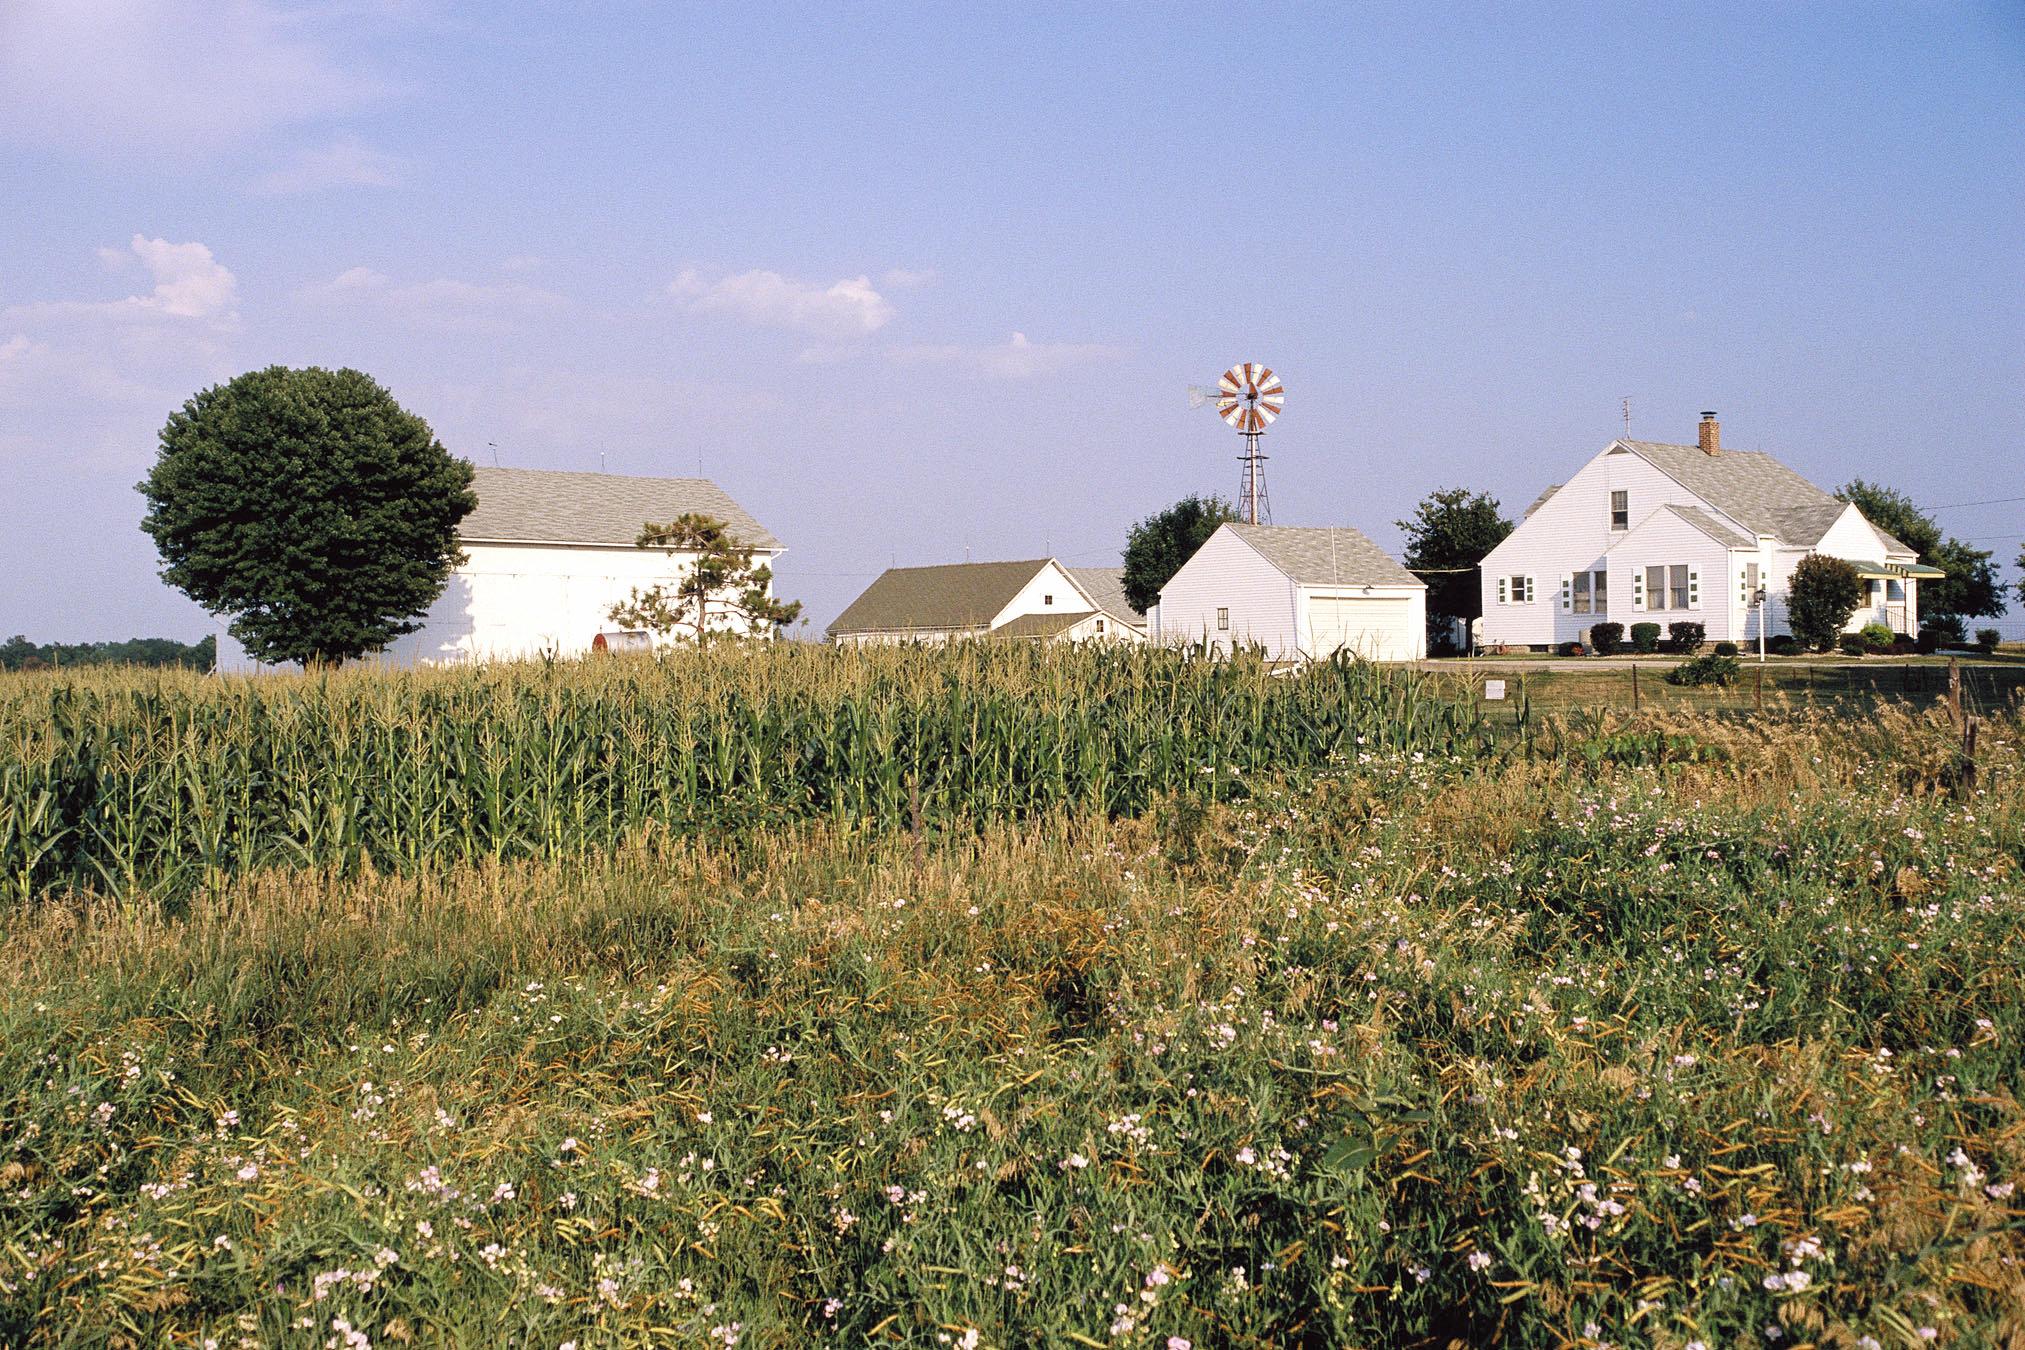 Down on the farm 2